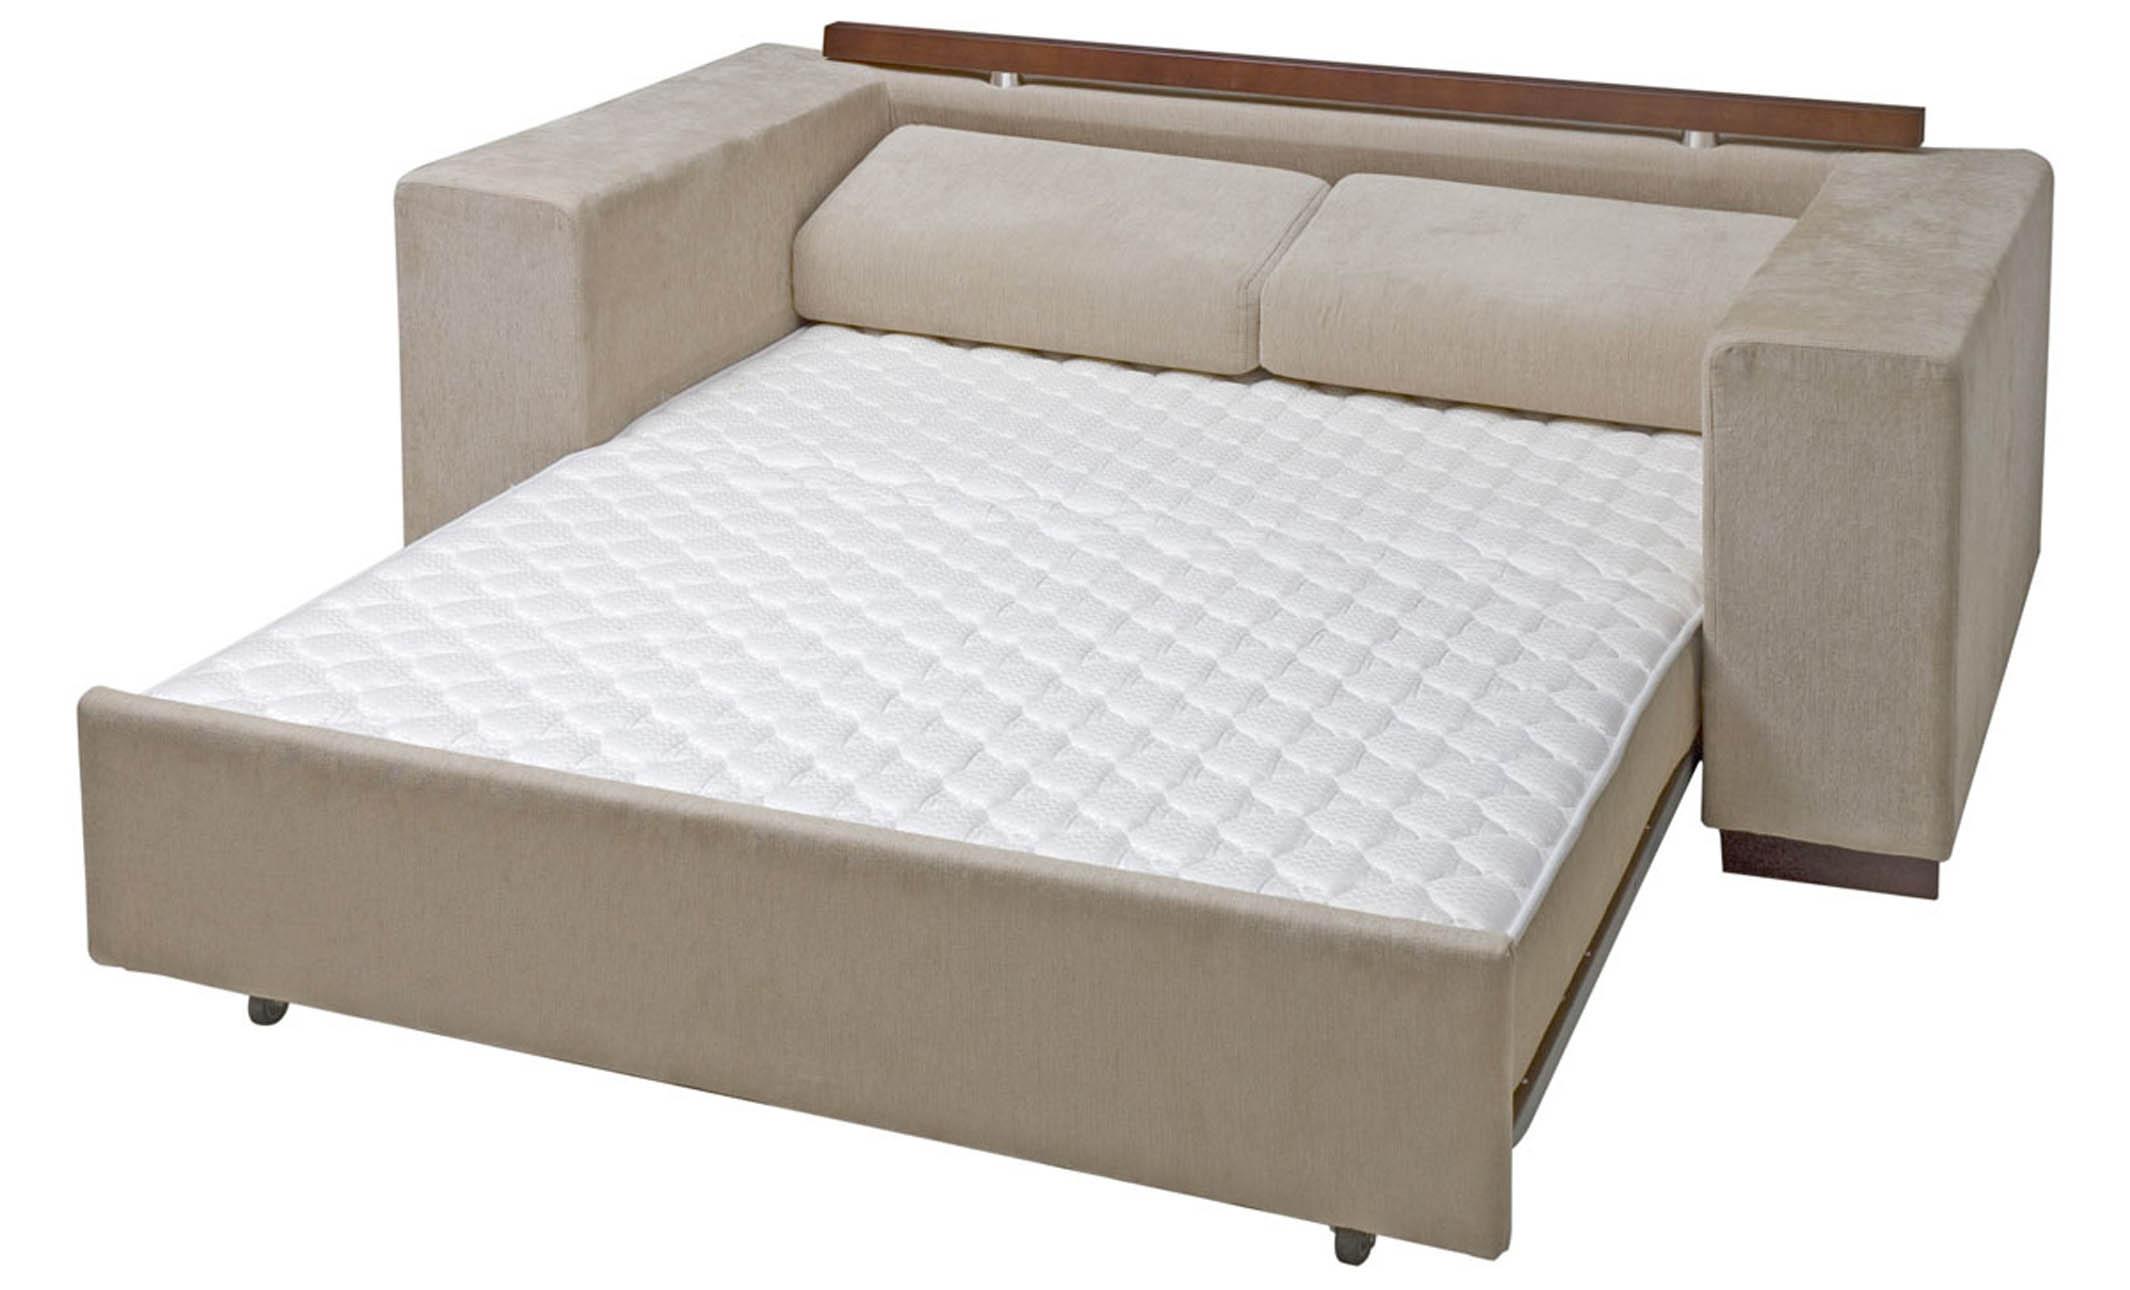 sof cama um m vel multiuso veja fotos de modelosmoda e conforto. Black Bedroom Furniture Sets. Home Design Ideas